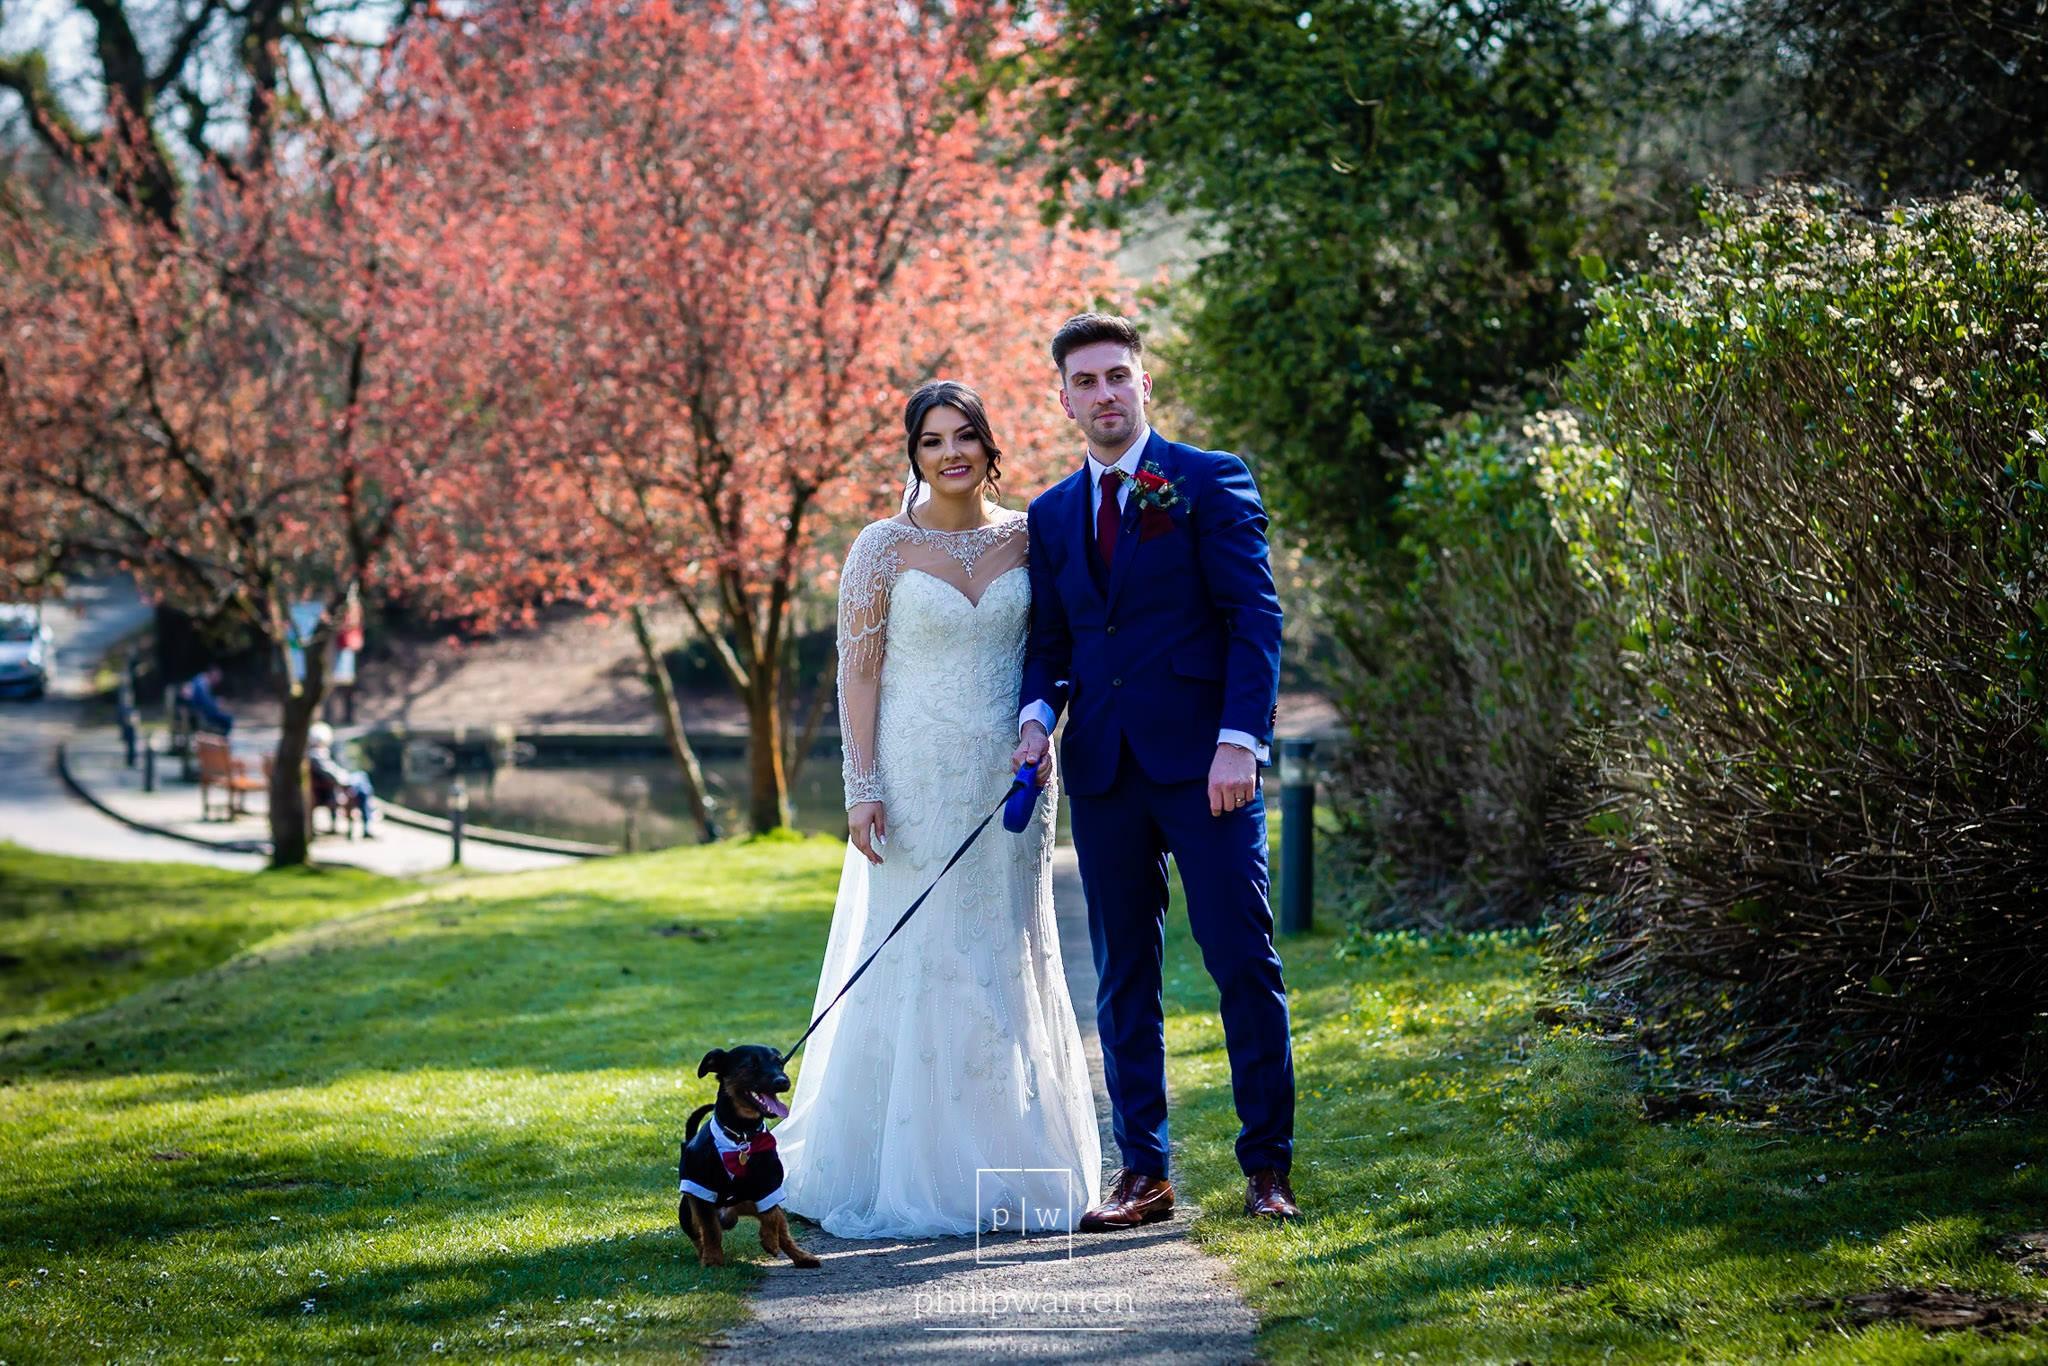 Bryngarw Wedding - 7.jpg